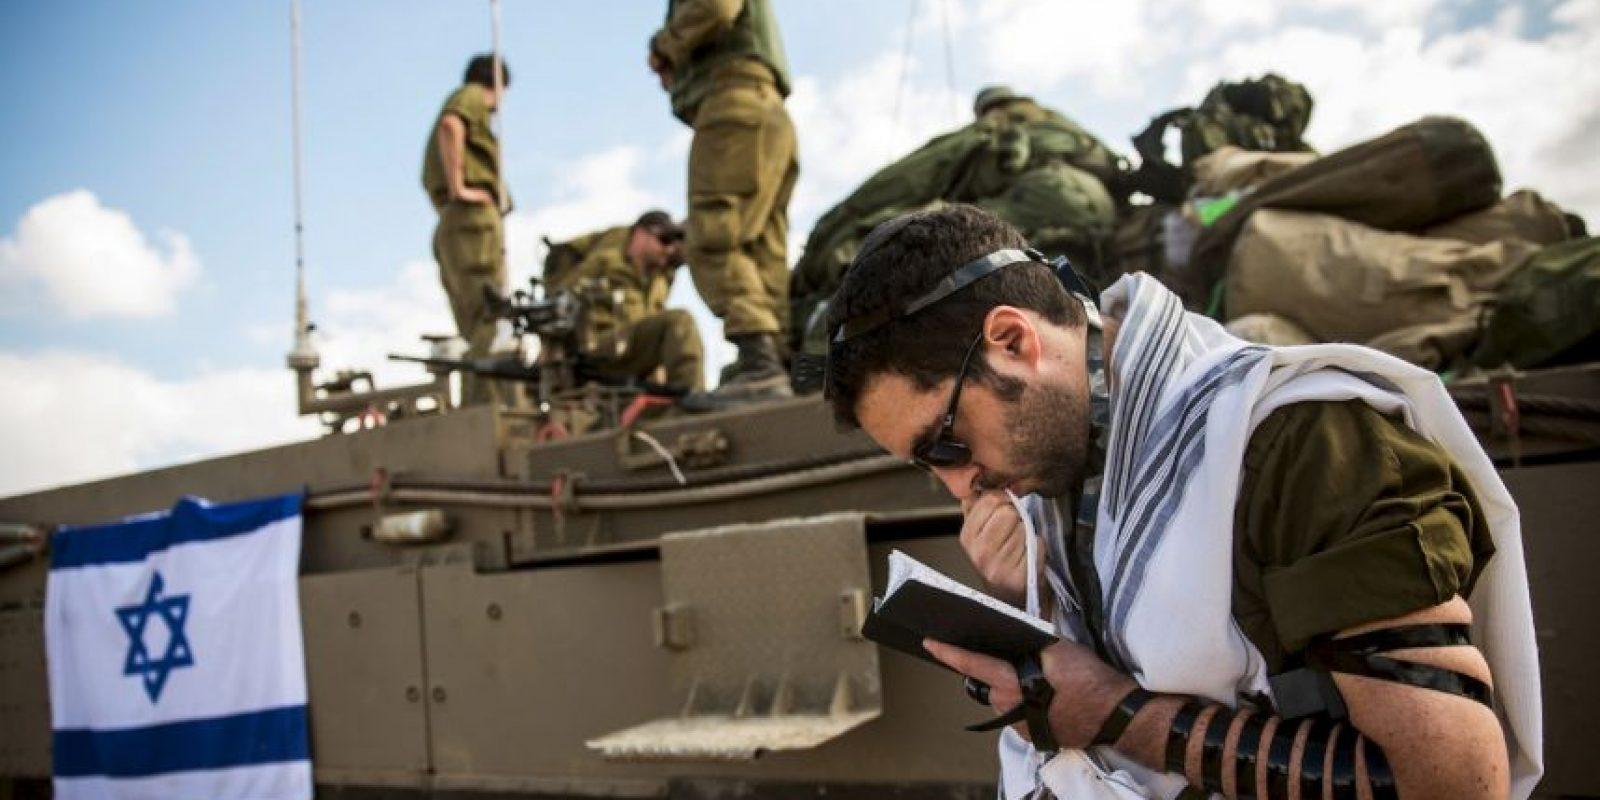 Según el medio británico BBC, la compañía Wal Mart tuvo que retirar de su página web la venta de un disfraz de soldado israelí. Foto:Getty Images